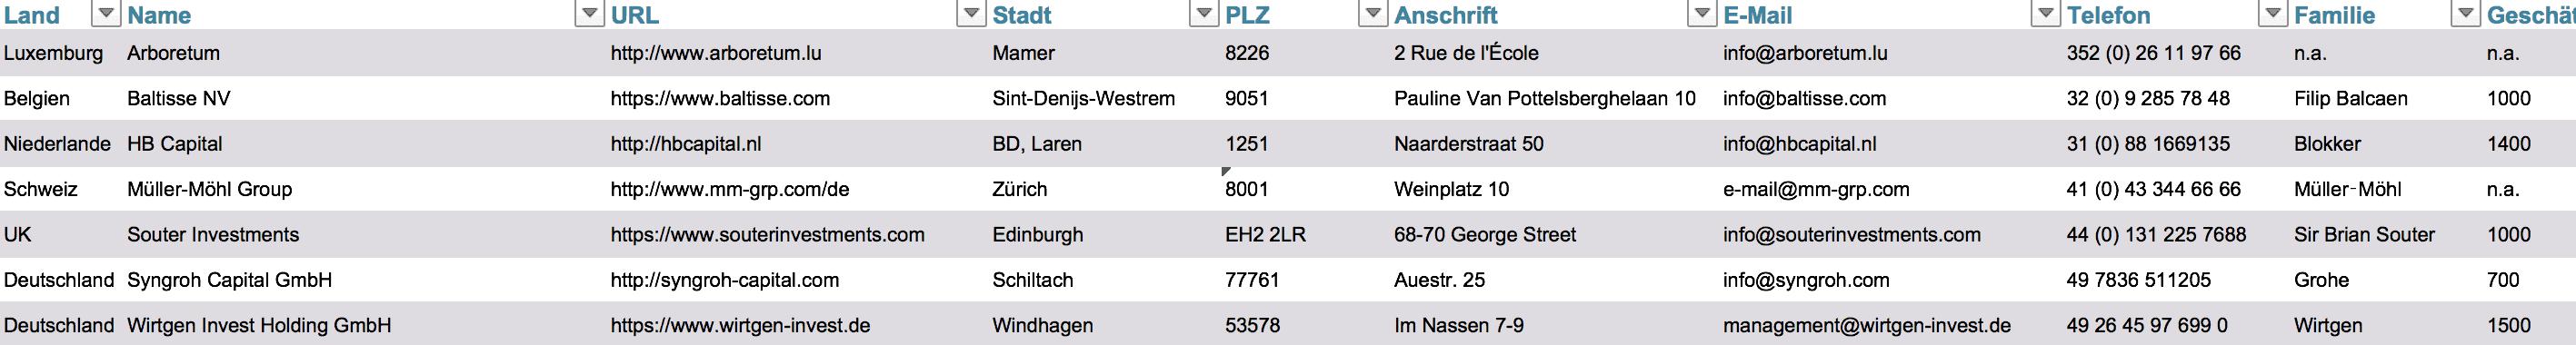 Vorschau unserer Liste der größten Europäischen Single Family Offices